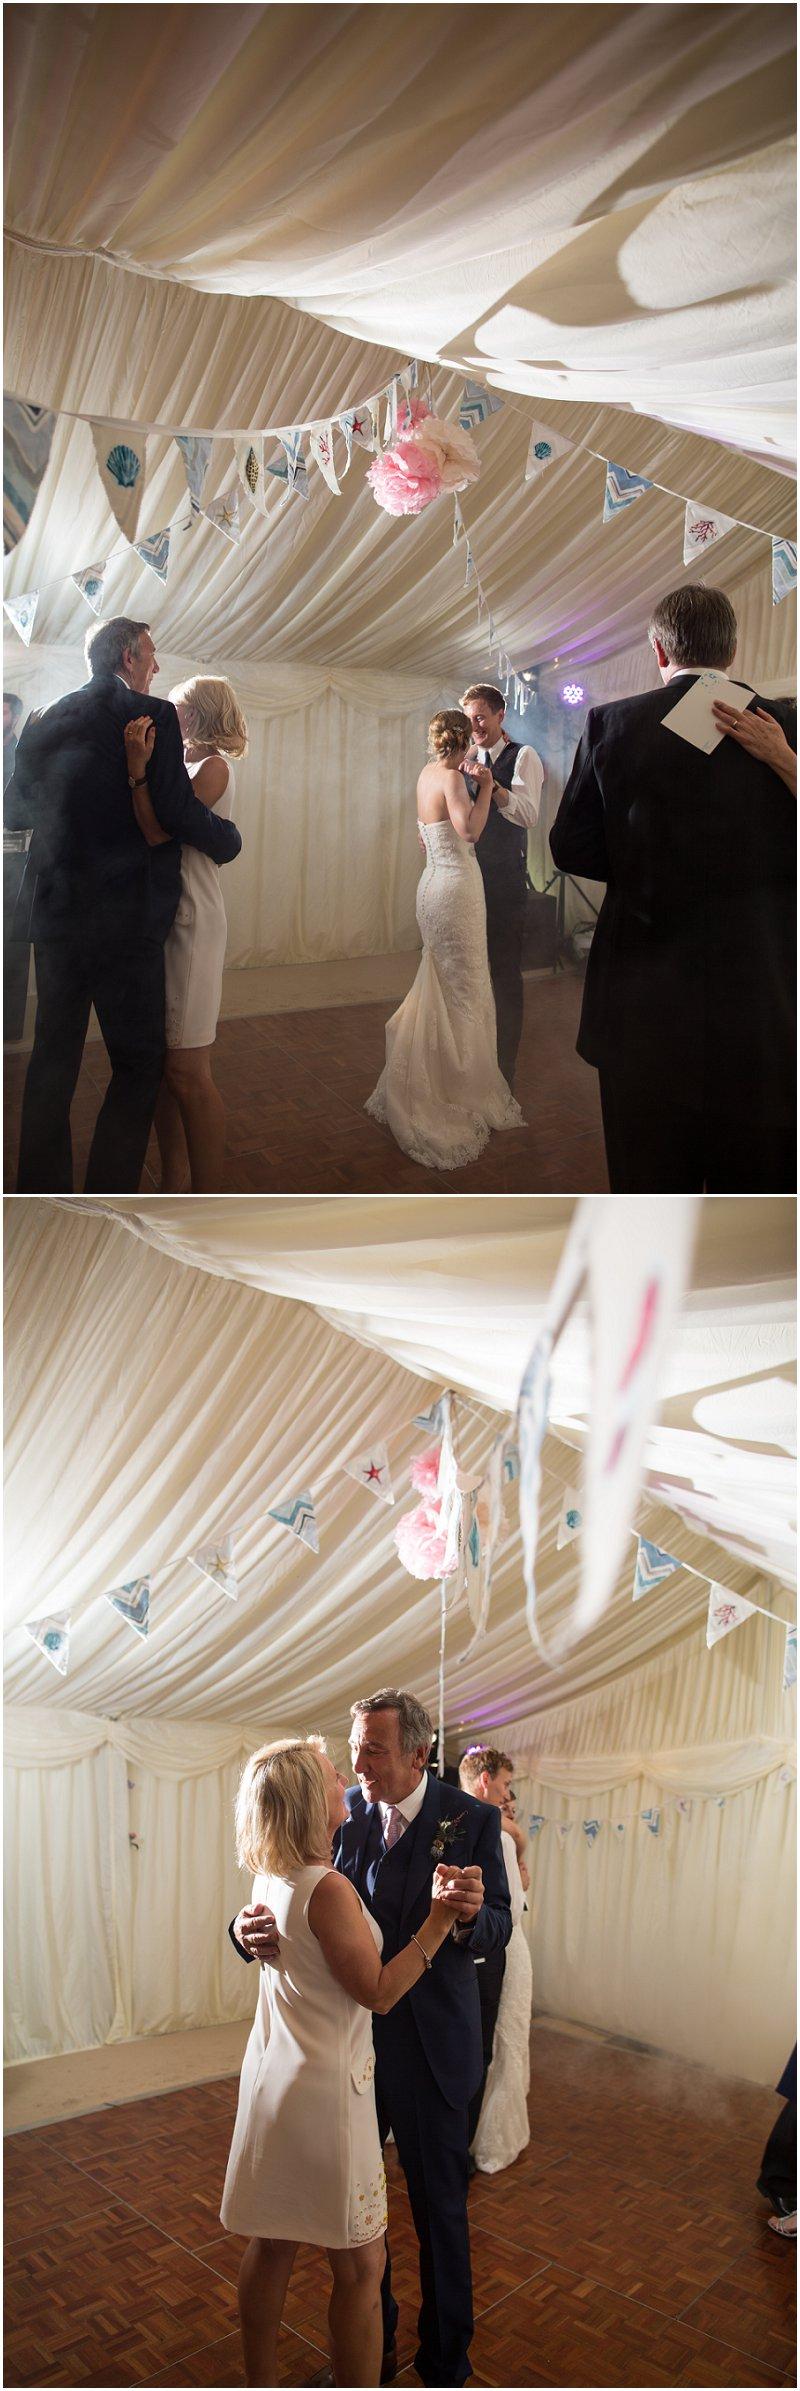 Beautiful dancing at Wales wedding